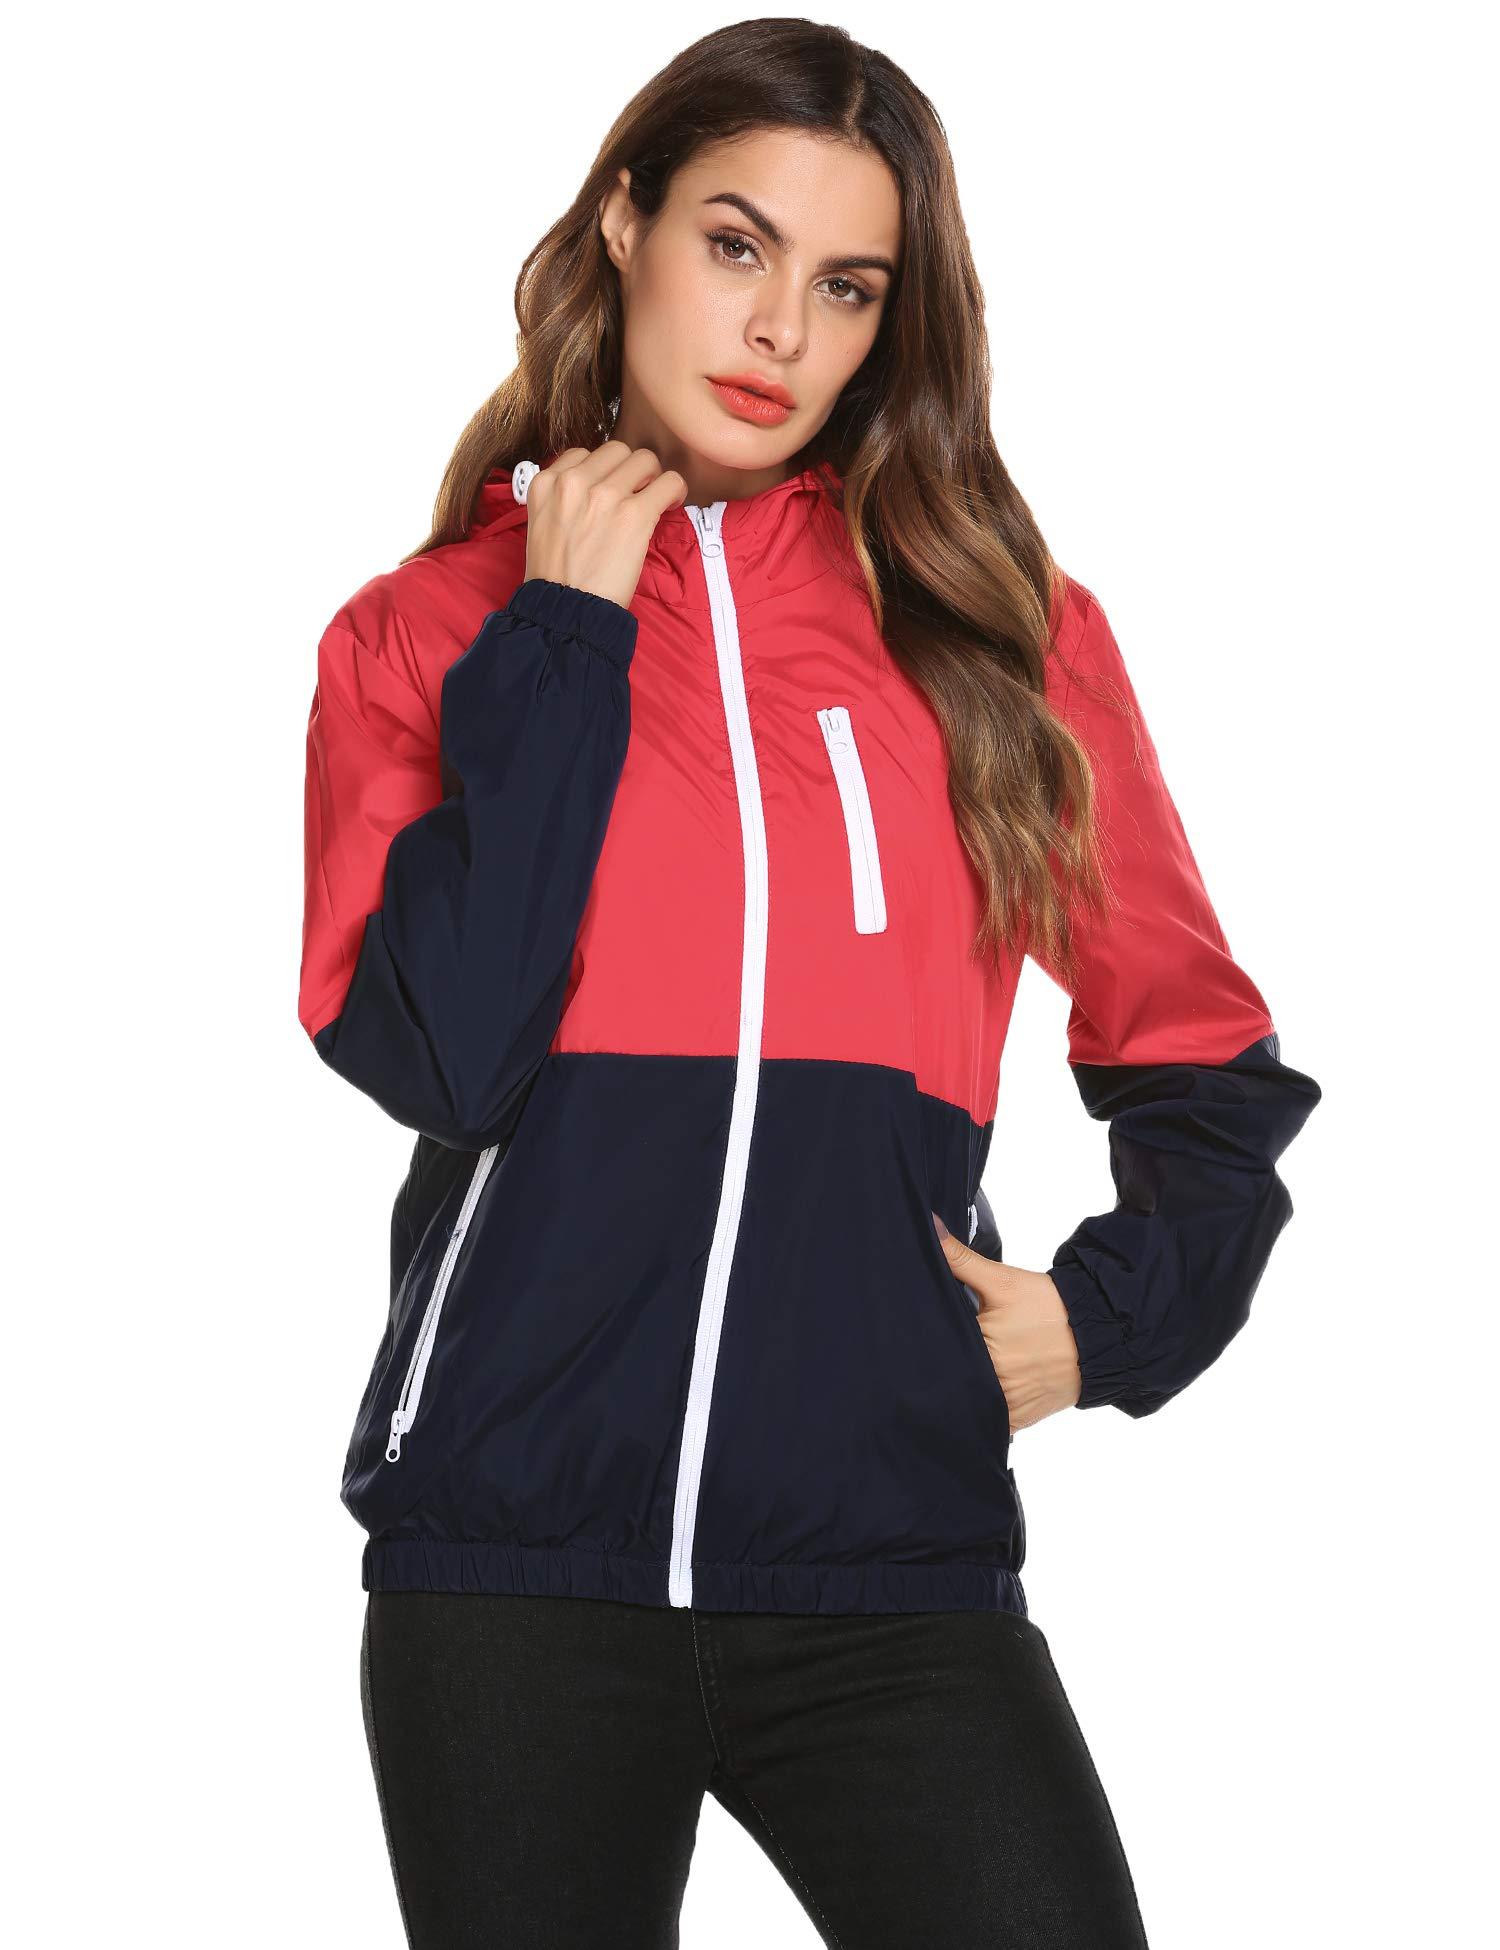 Womens Fall Lightweight Bomber Jacket Hooded Packable Biker Short Coat Outwear